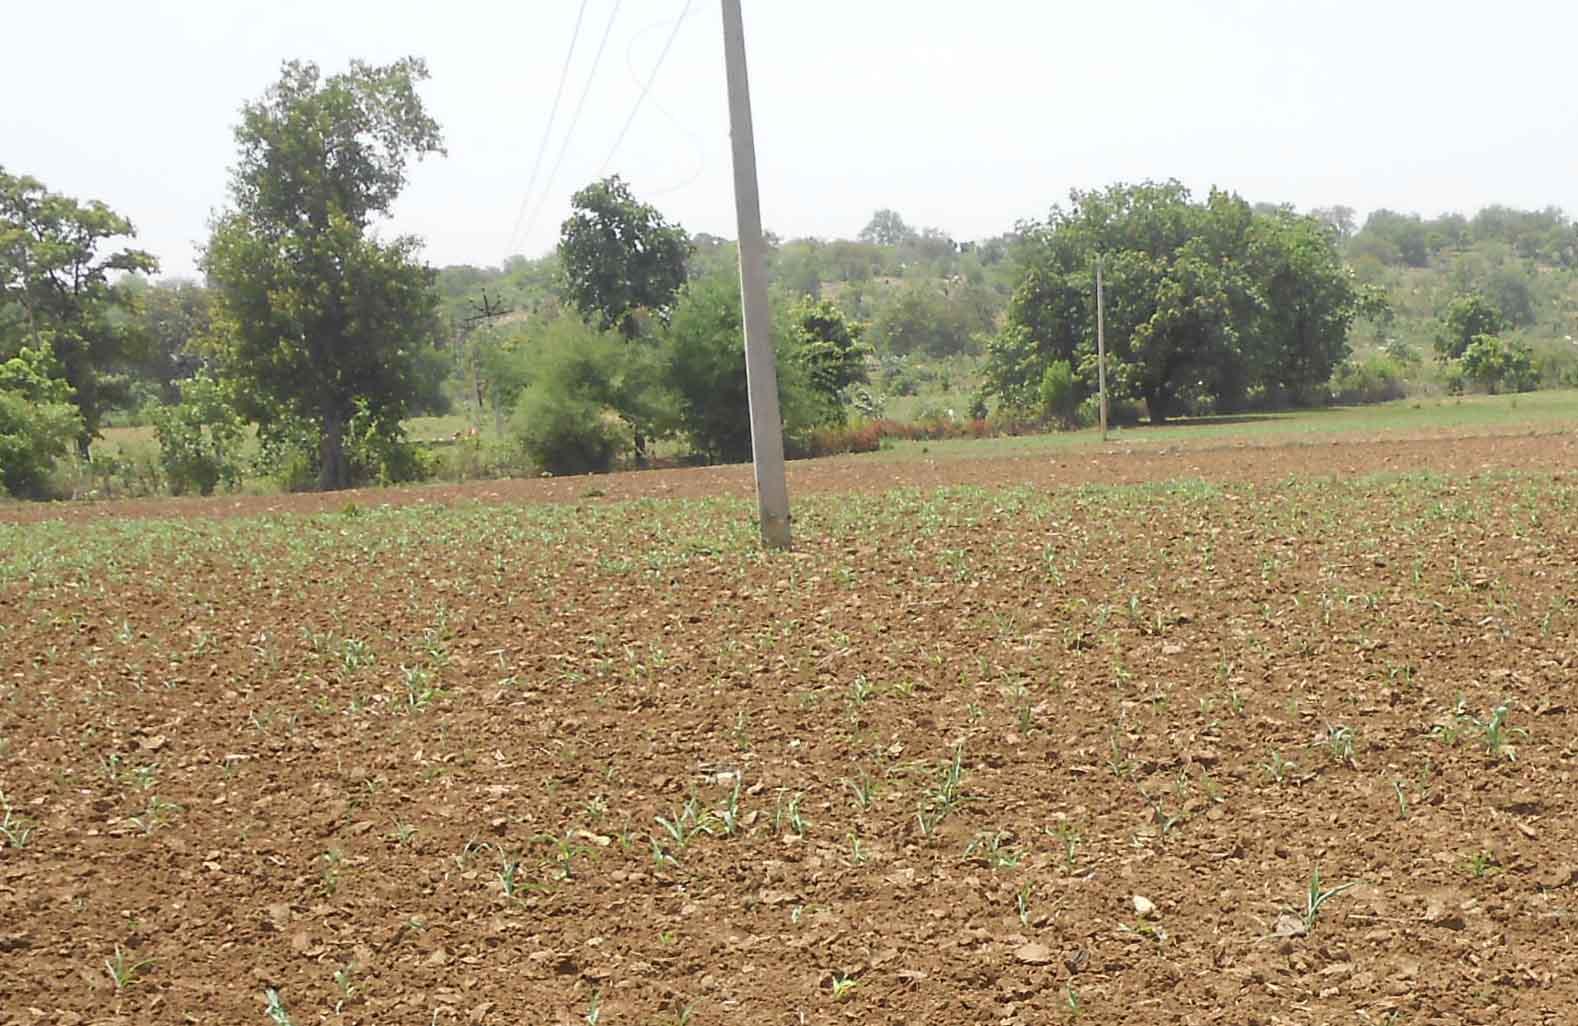 संकट में अन्नदाता- खामोश मेघों से चिंता में किसान, वनांचल में बेहद खराब हालात